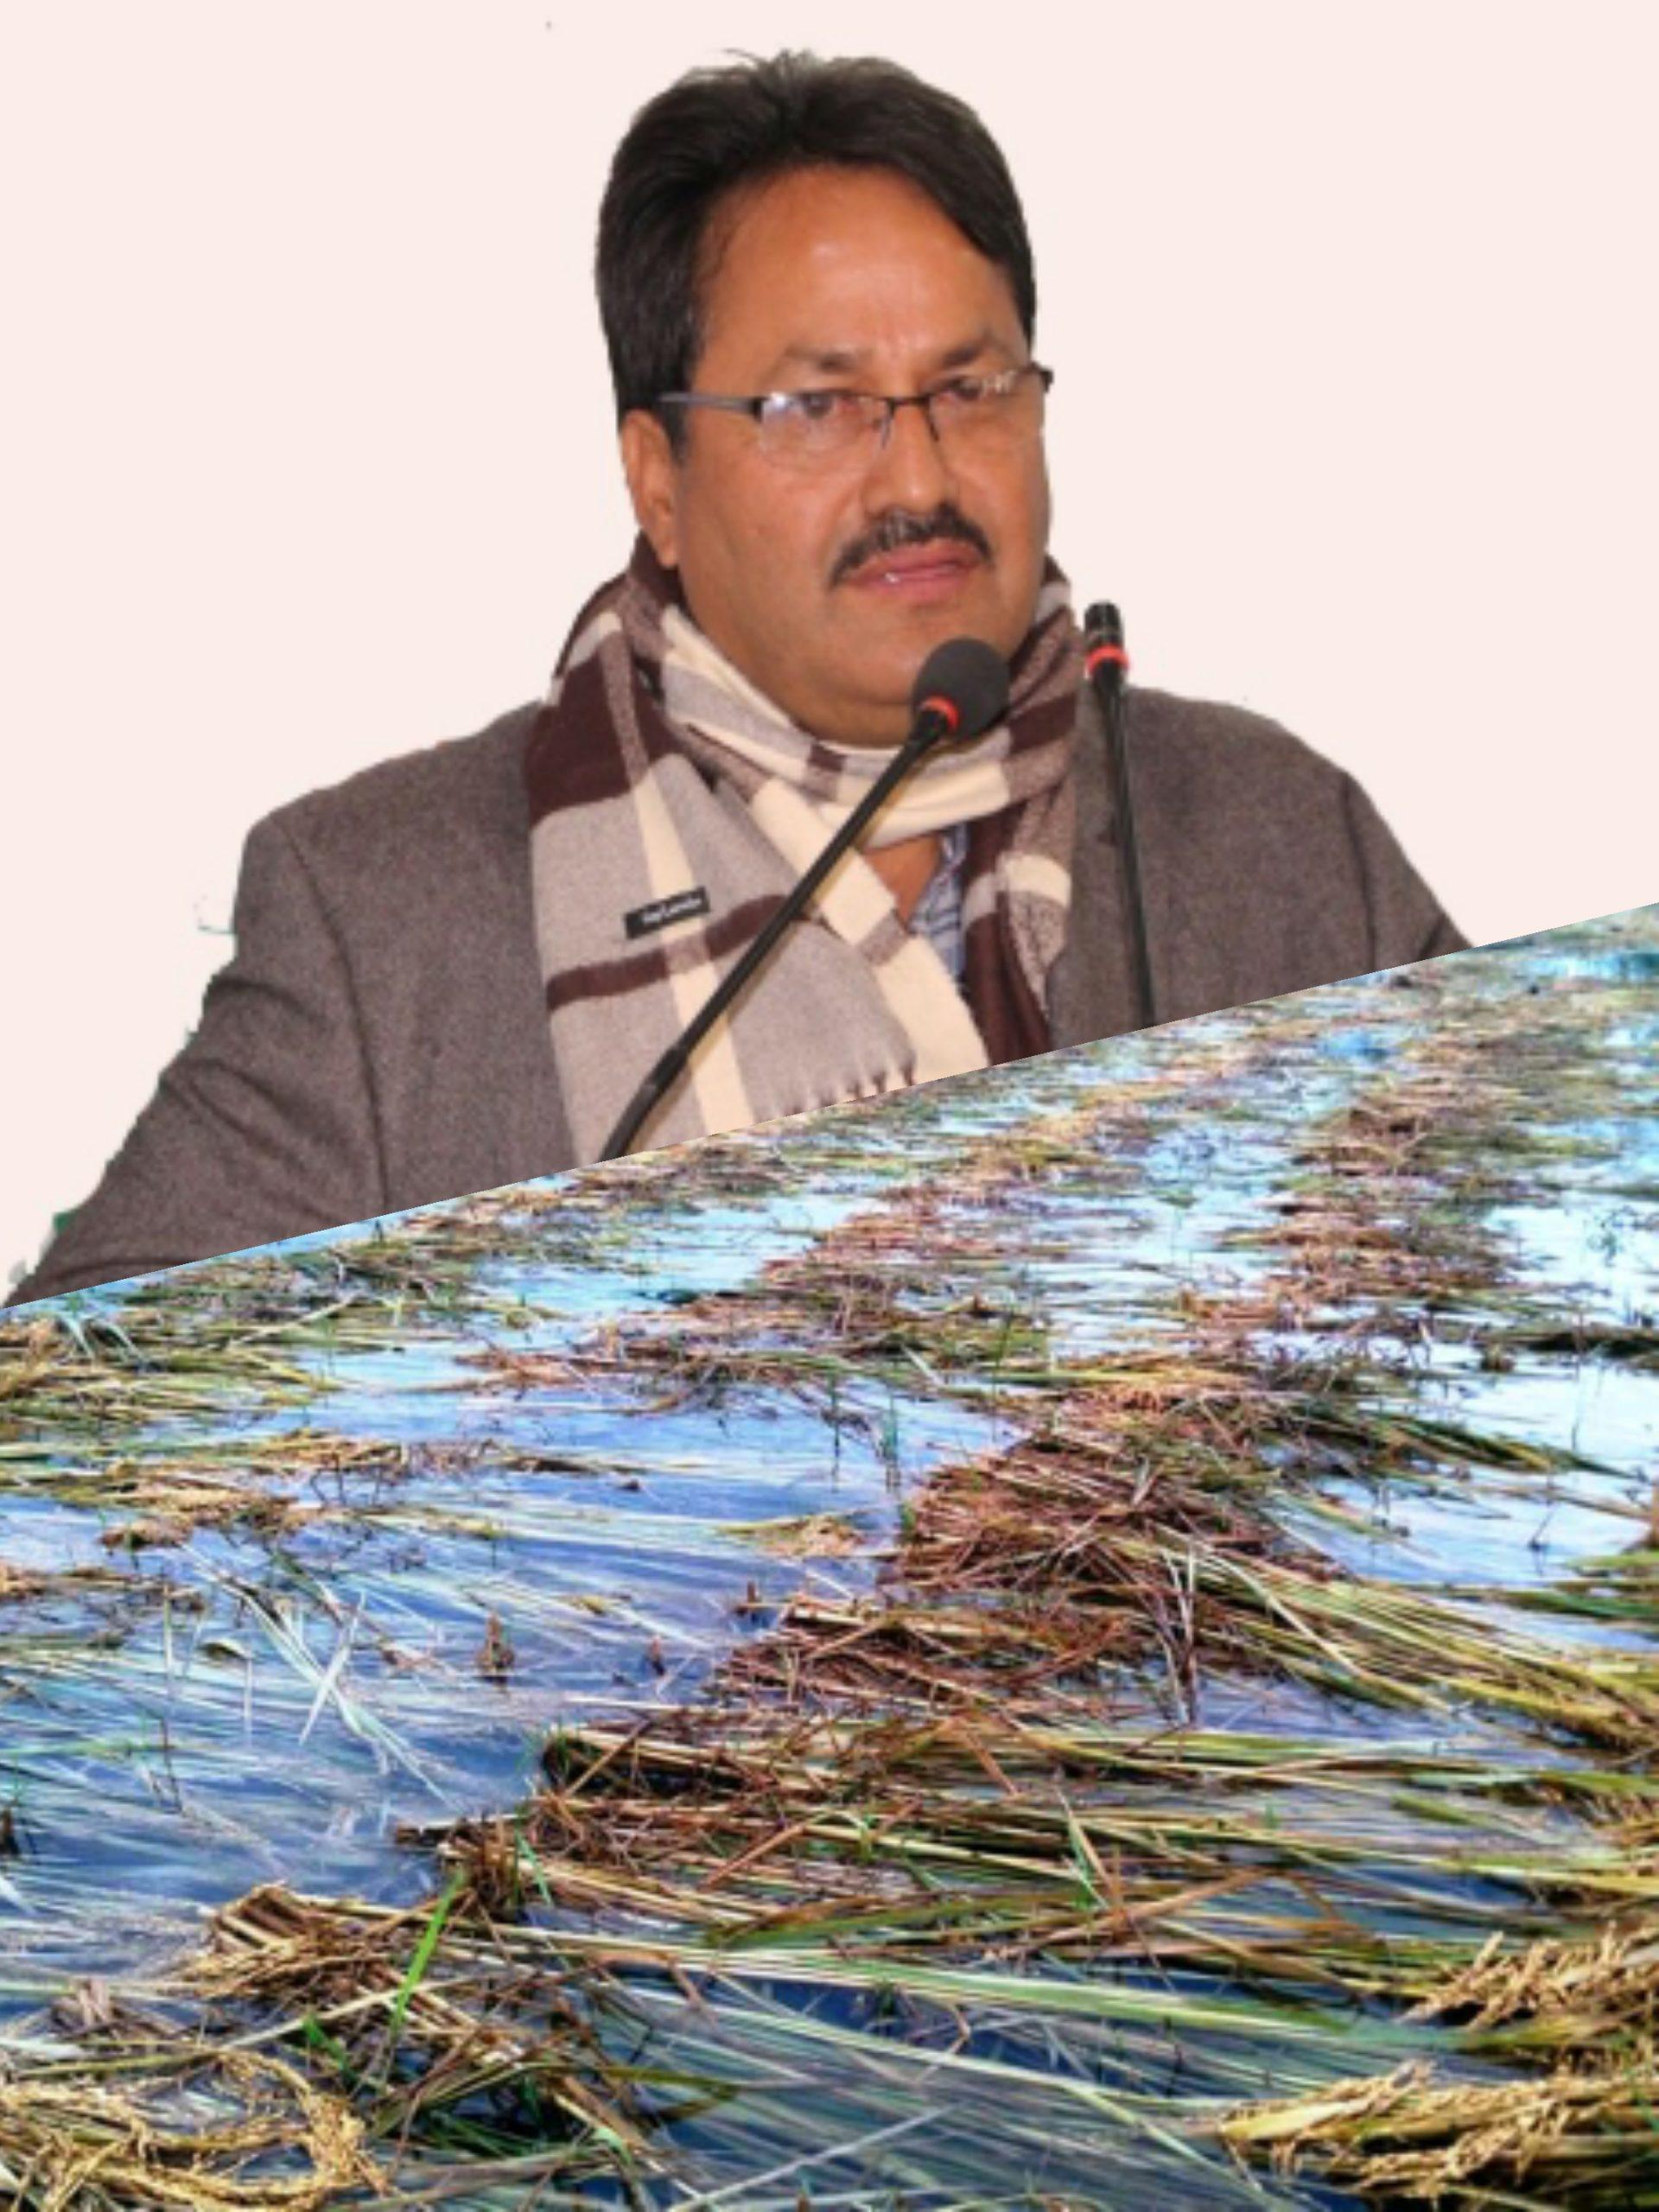 पुर्व सिँचाइ मन्त्री साउँद: बाढीले अन्नबालीमा असर गरेका किसानलाई क्षतिपूर्ति दिन सरकारसँग माग